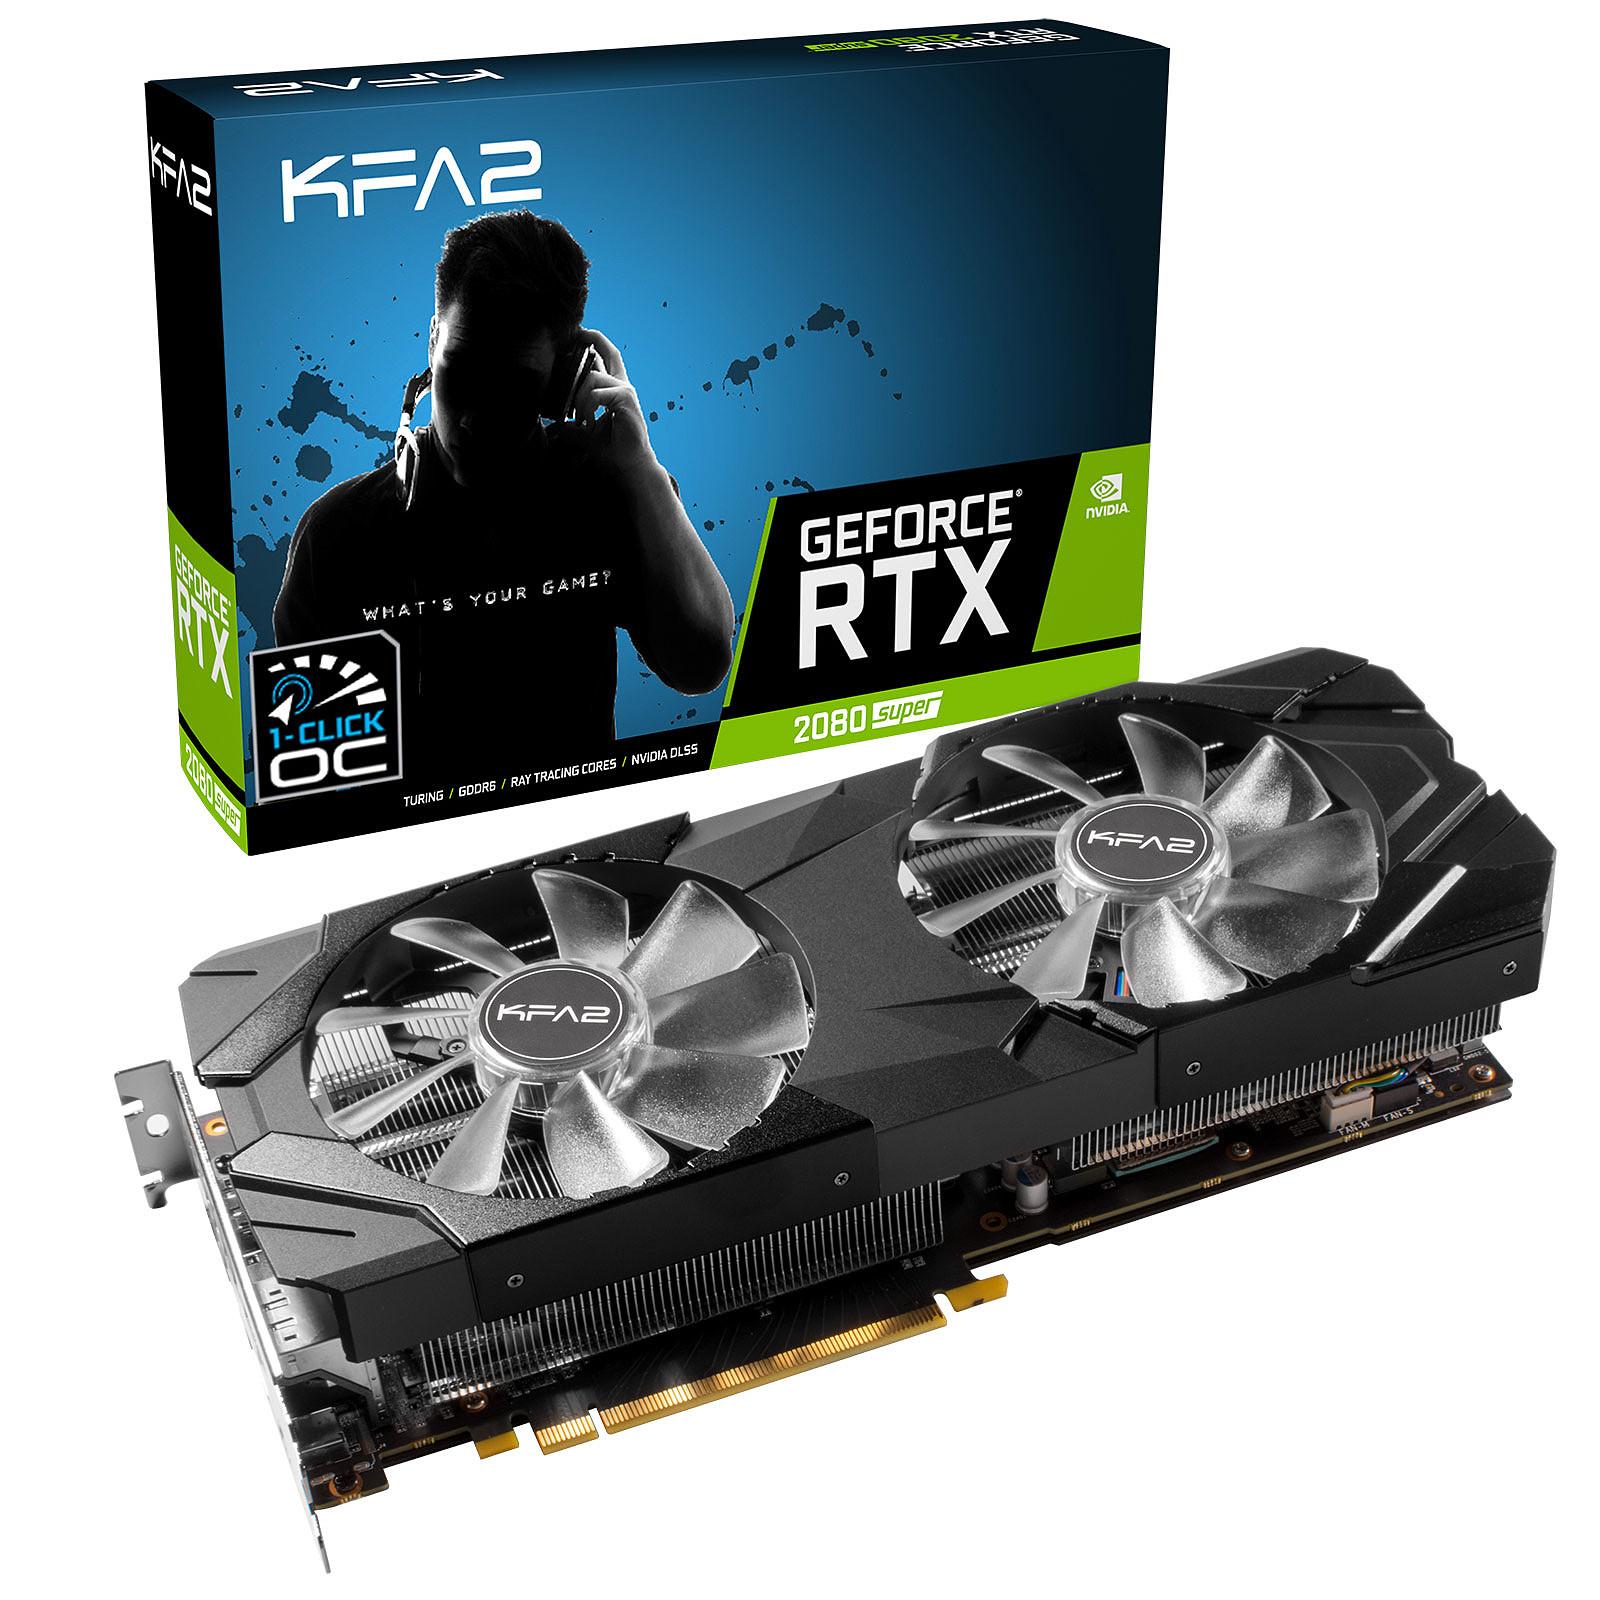 KFA2 GeForce RTX 2080 Super EX (1-Click OC)